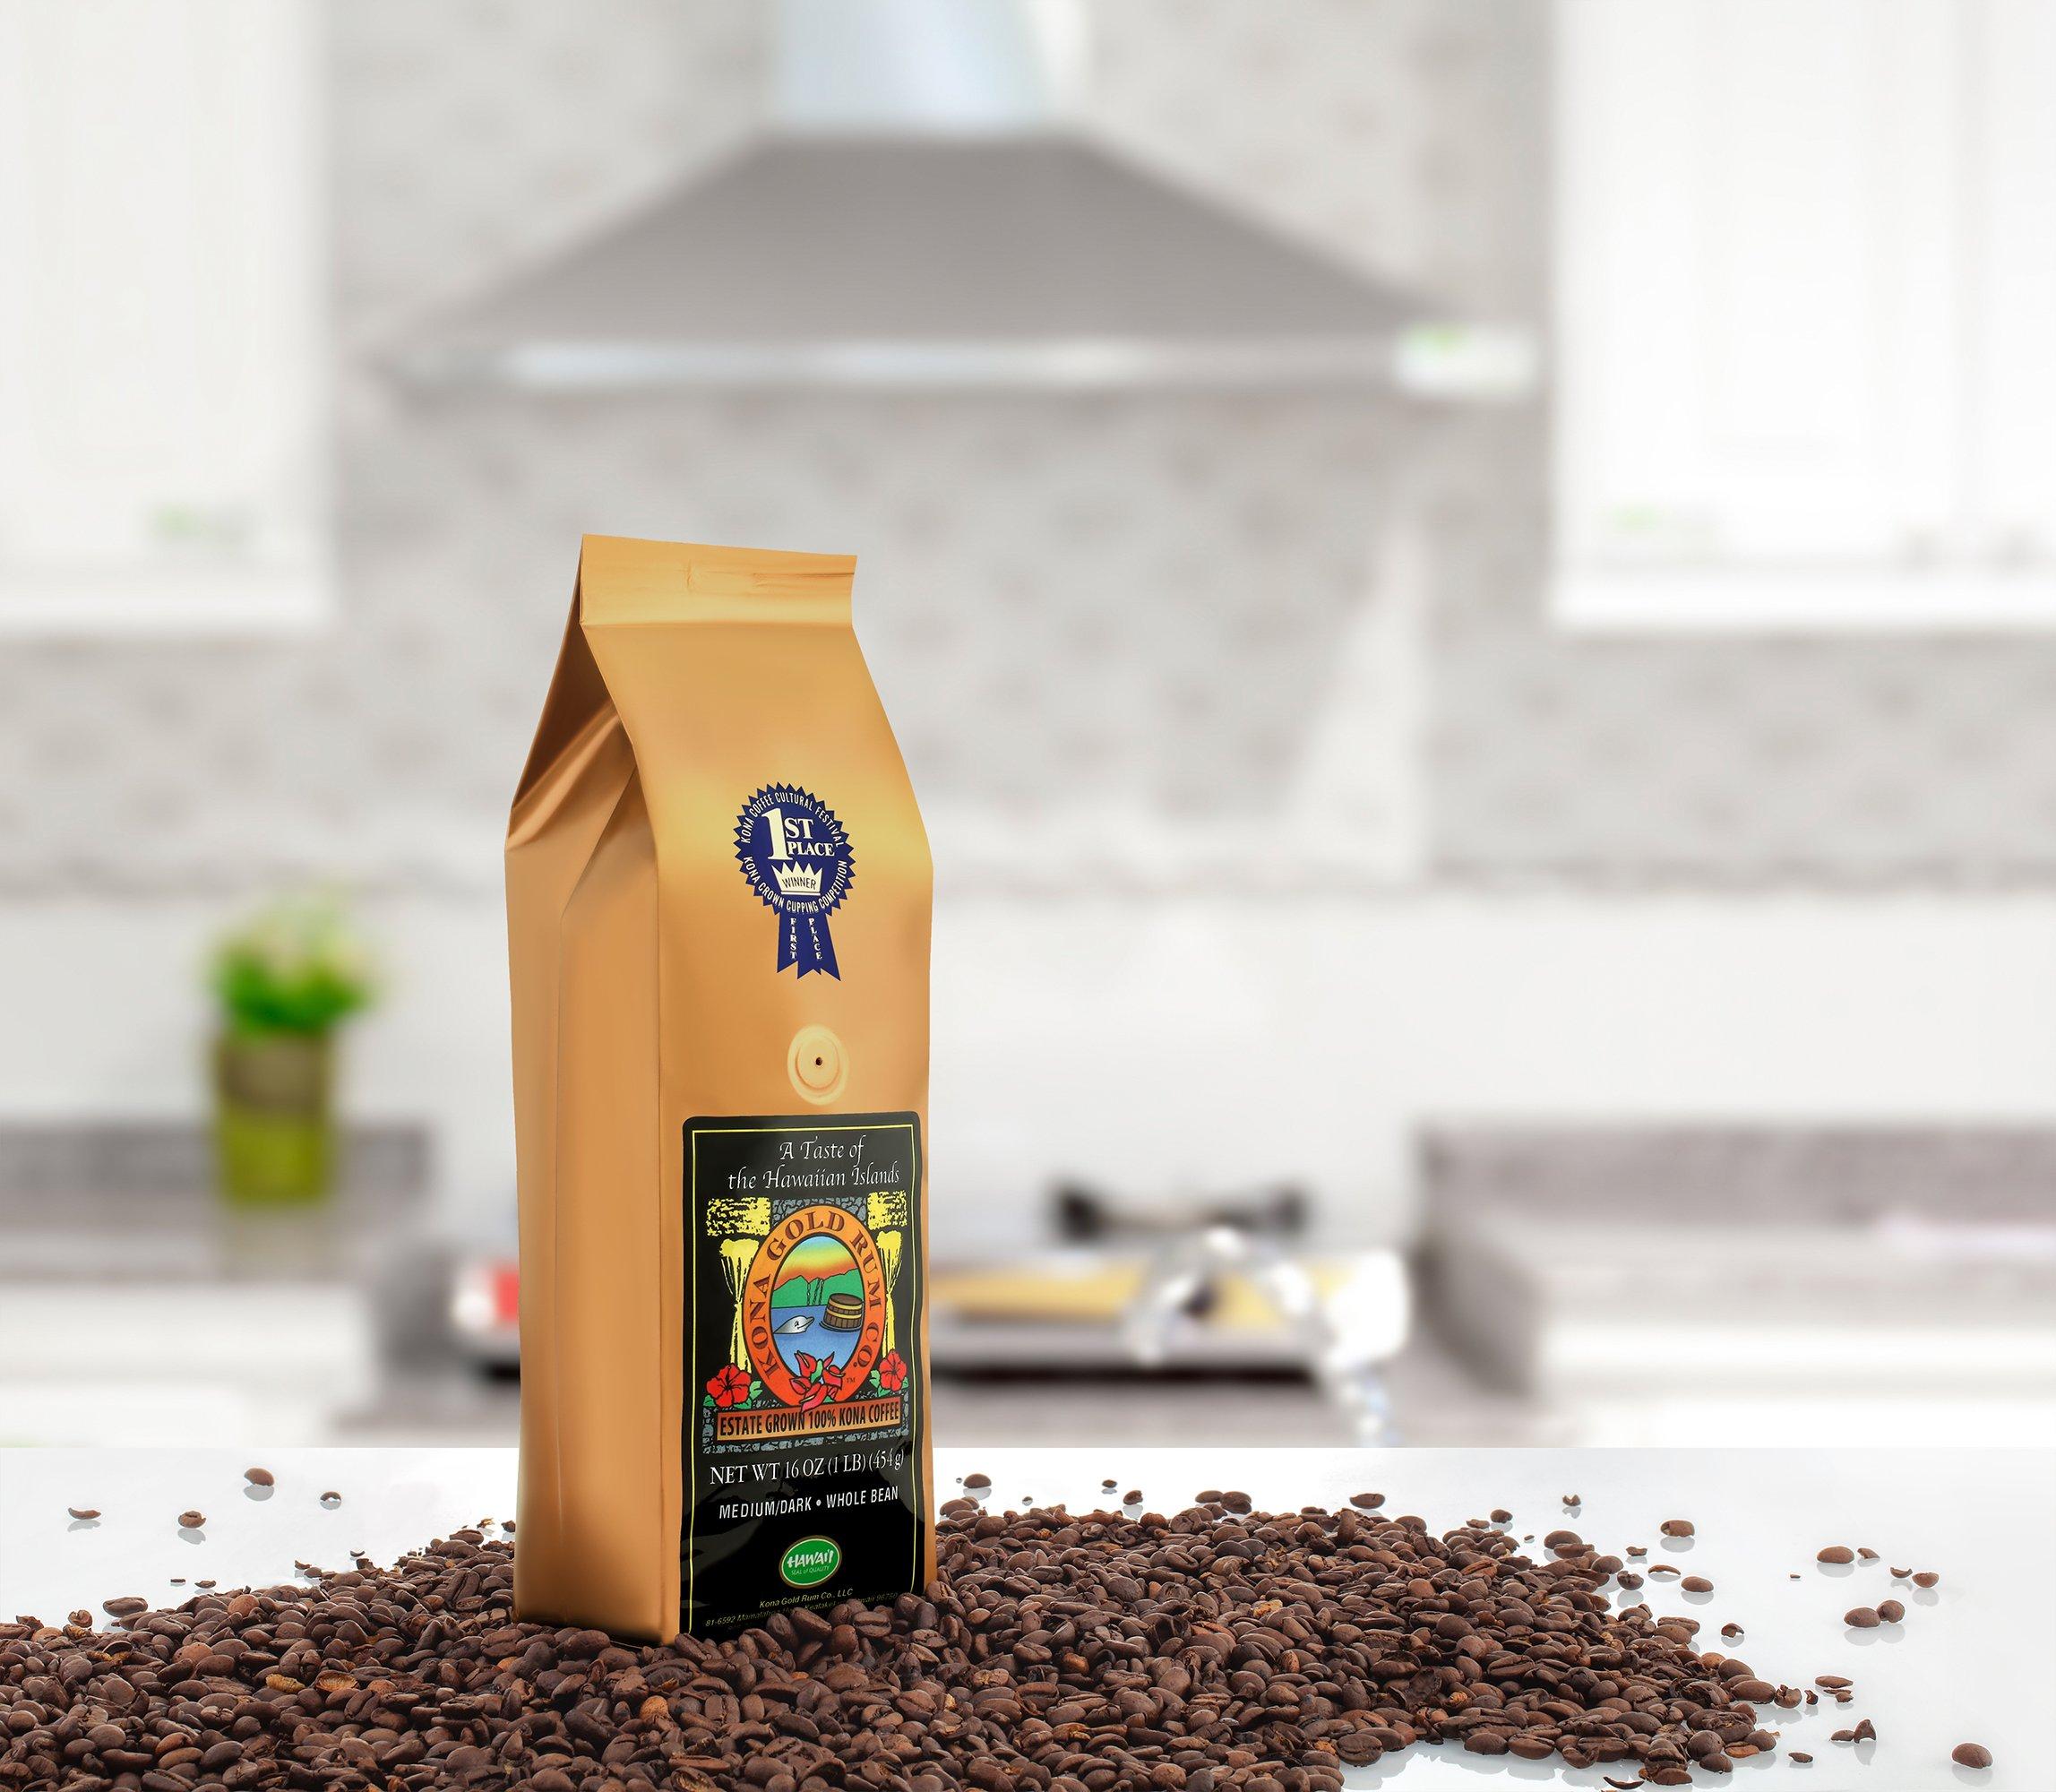 Kona Gold Coffee Whole Beans - 16 oz, by Kona Gold Rum Co. - Medium/Dark Roast Extra Fancy - 100% Kona Coffee by Kona Gold (Image #4)